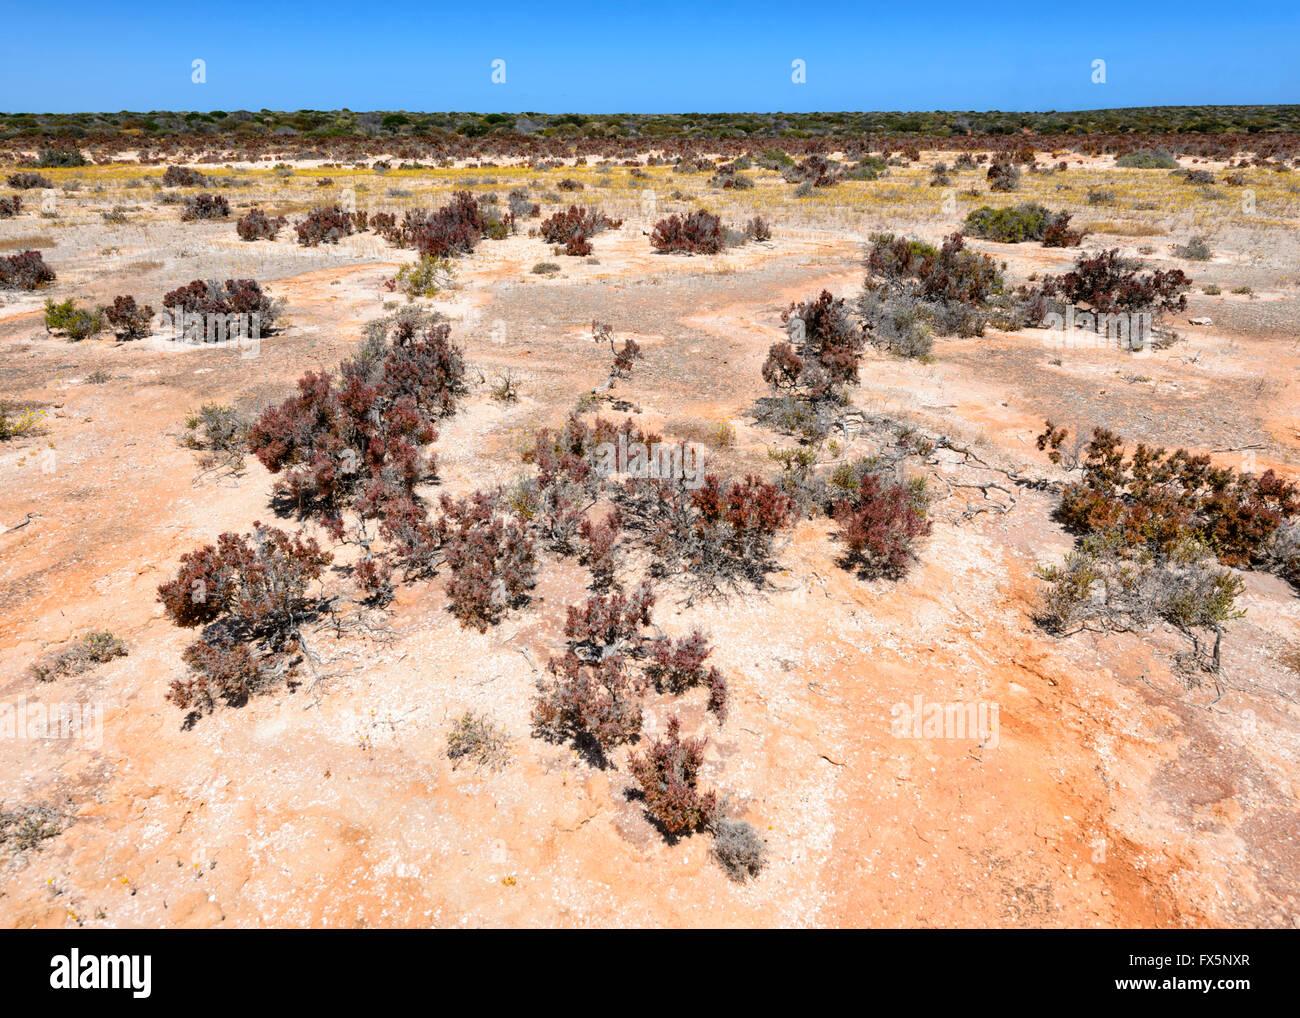 La vegetazione della costa nord ovest del Western Australia, Australia Immagini Stock